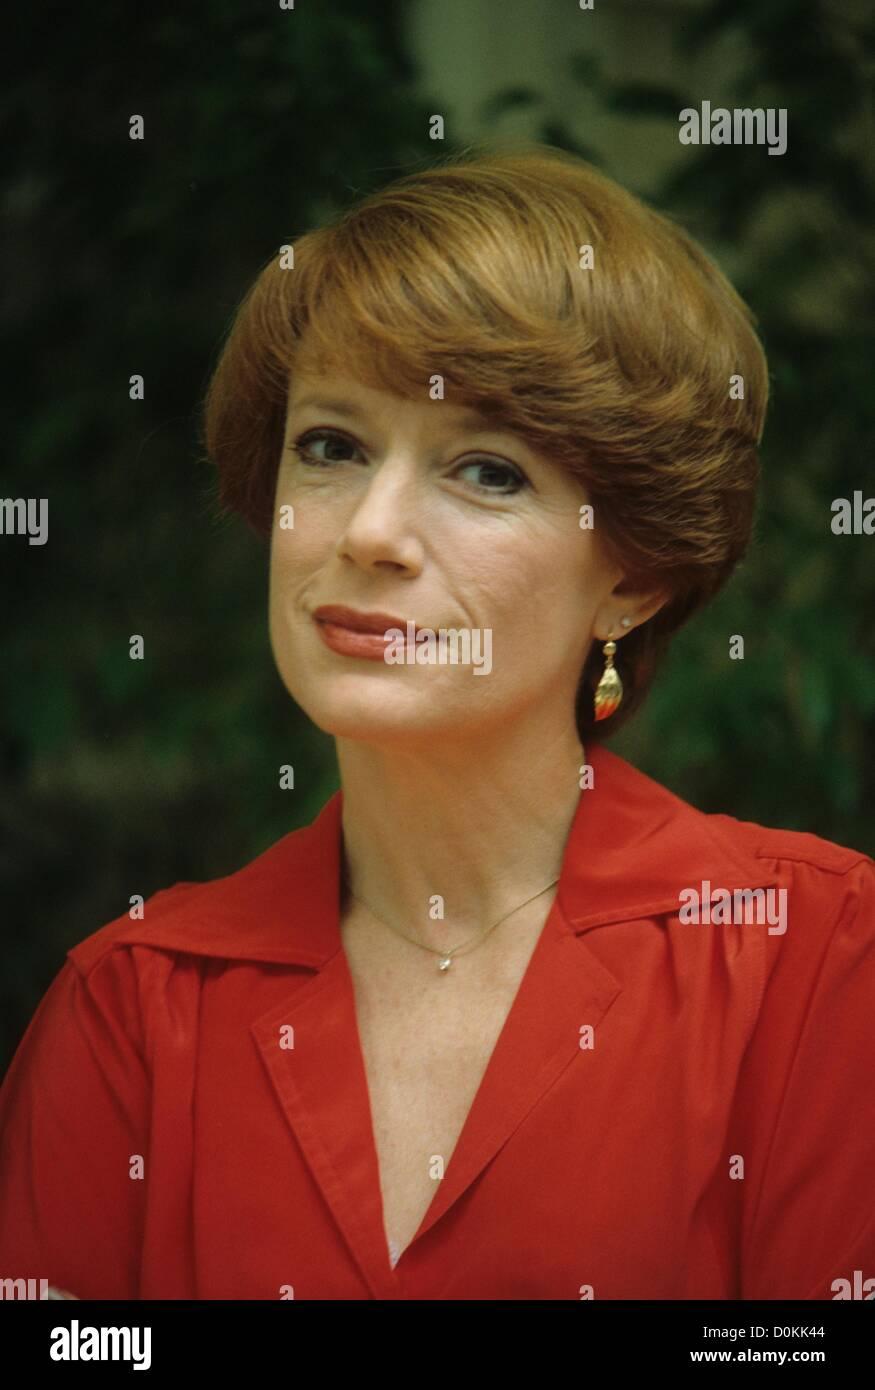 Augusta Dabney forecasting